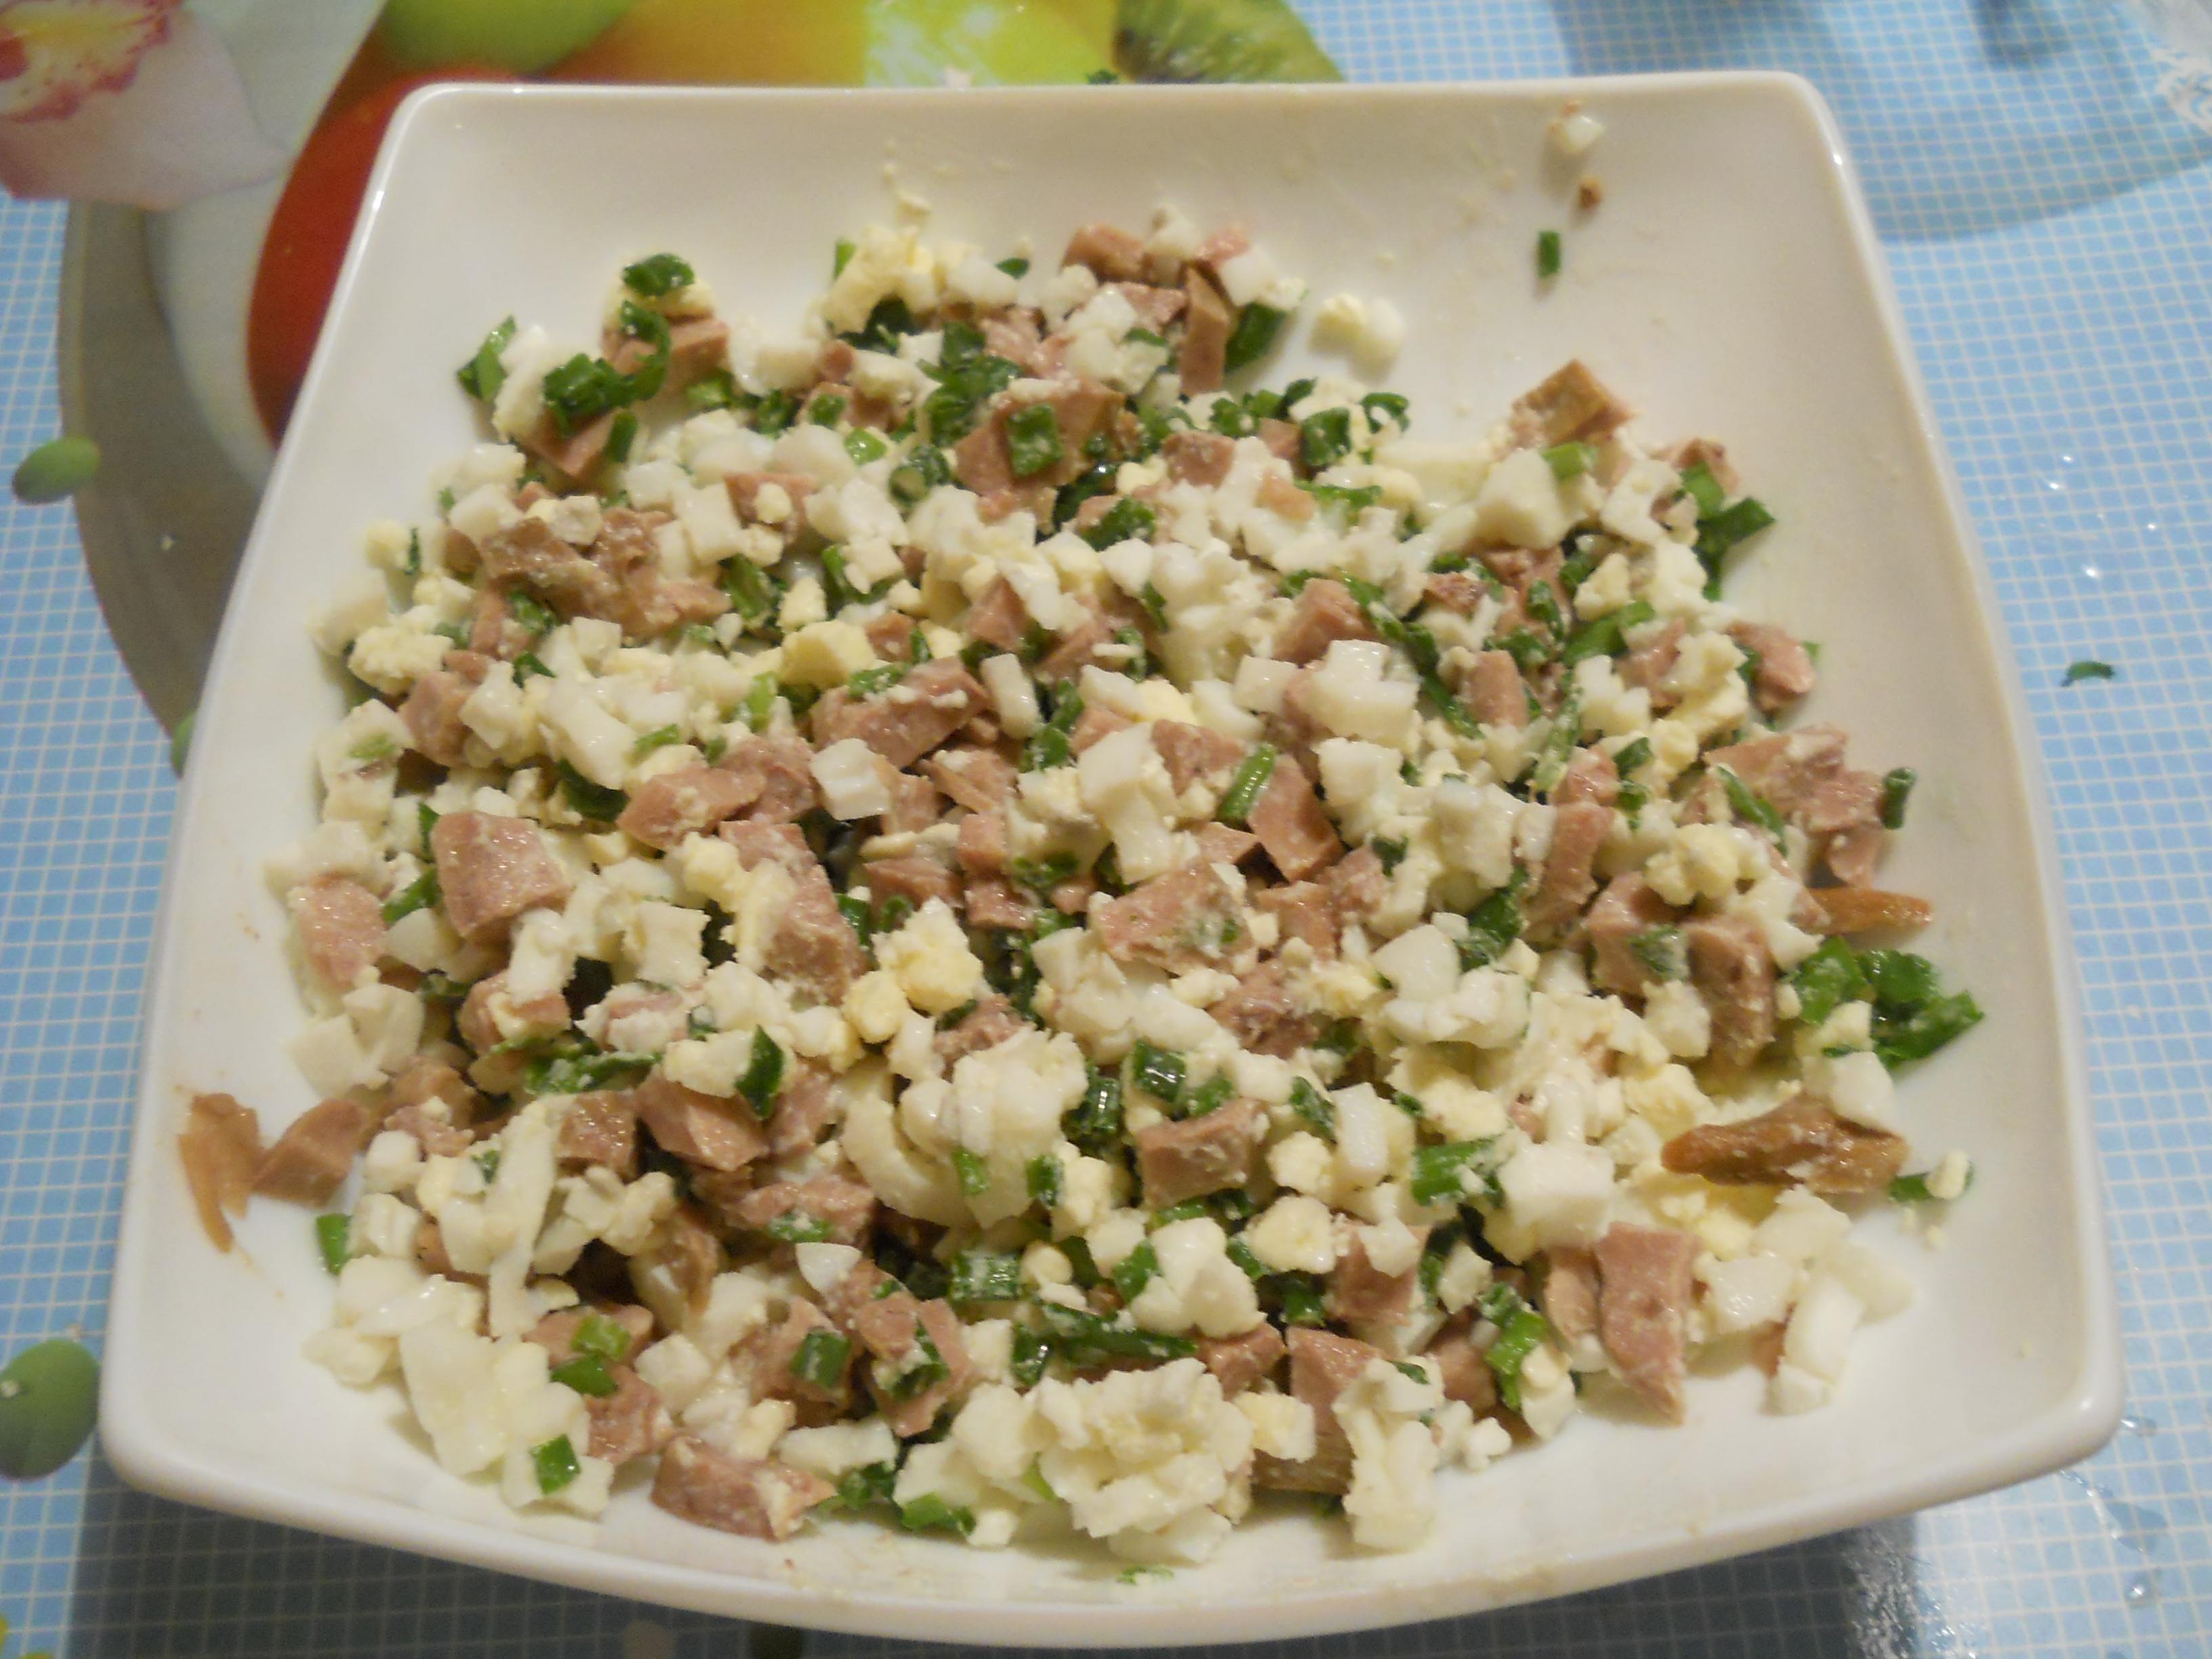 Салат из печени трески с огурцом пошаговый рецепт быстро и просто от 55